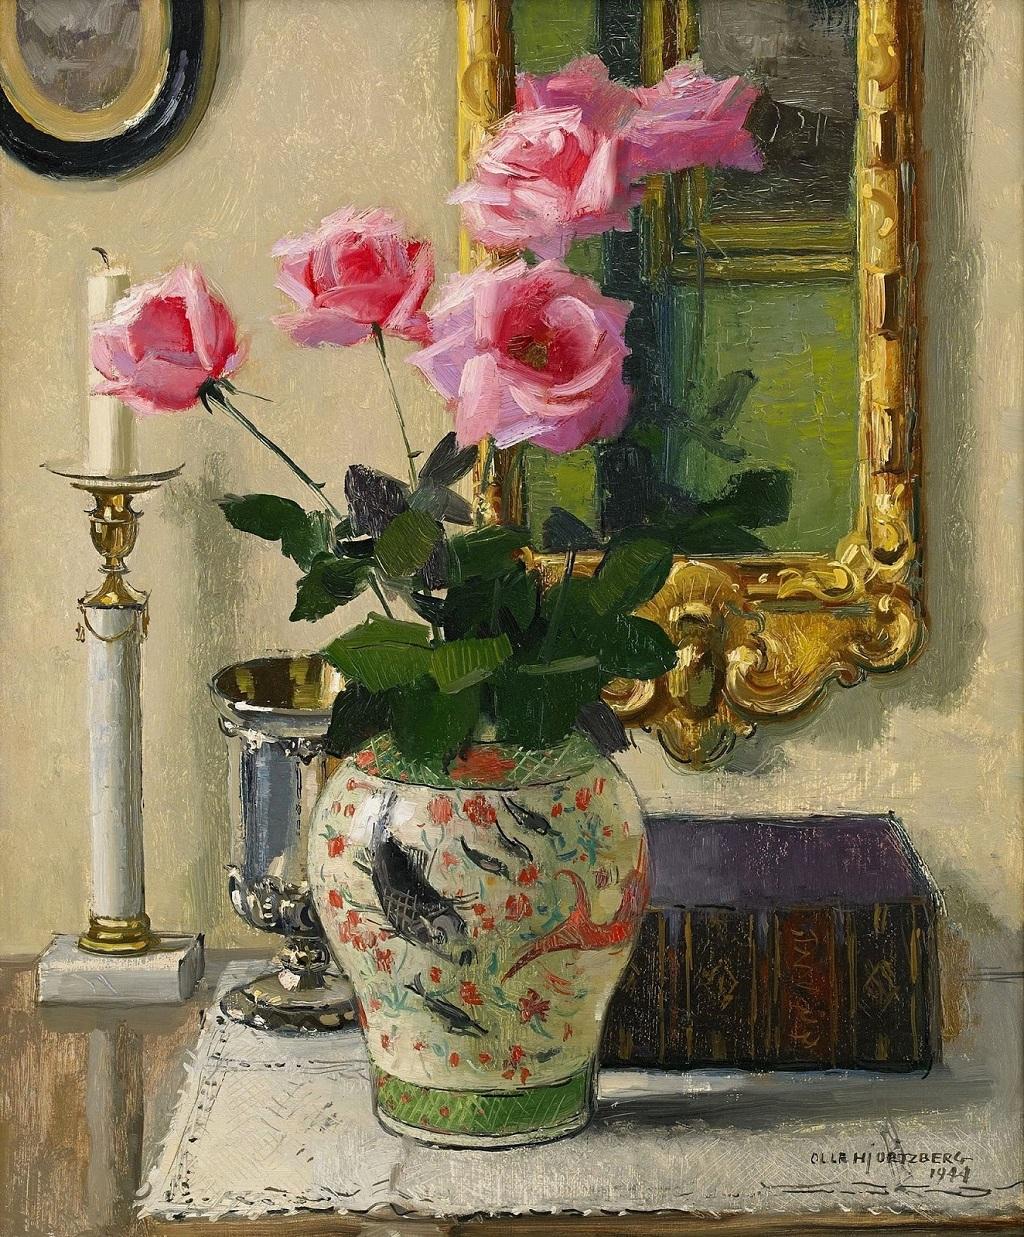 31-1944_Натюрморт с розами в китайской вазе_65 x 54_д.,м._Частное собрание.jpg